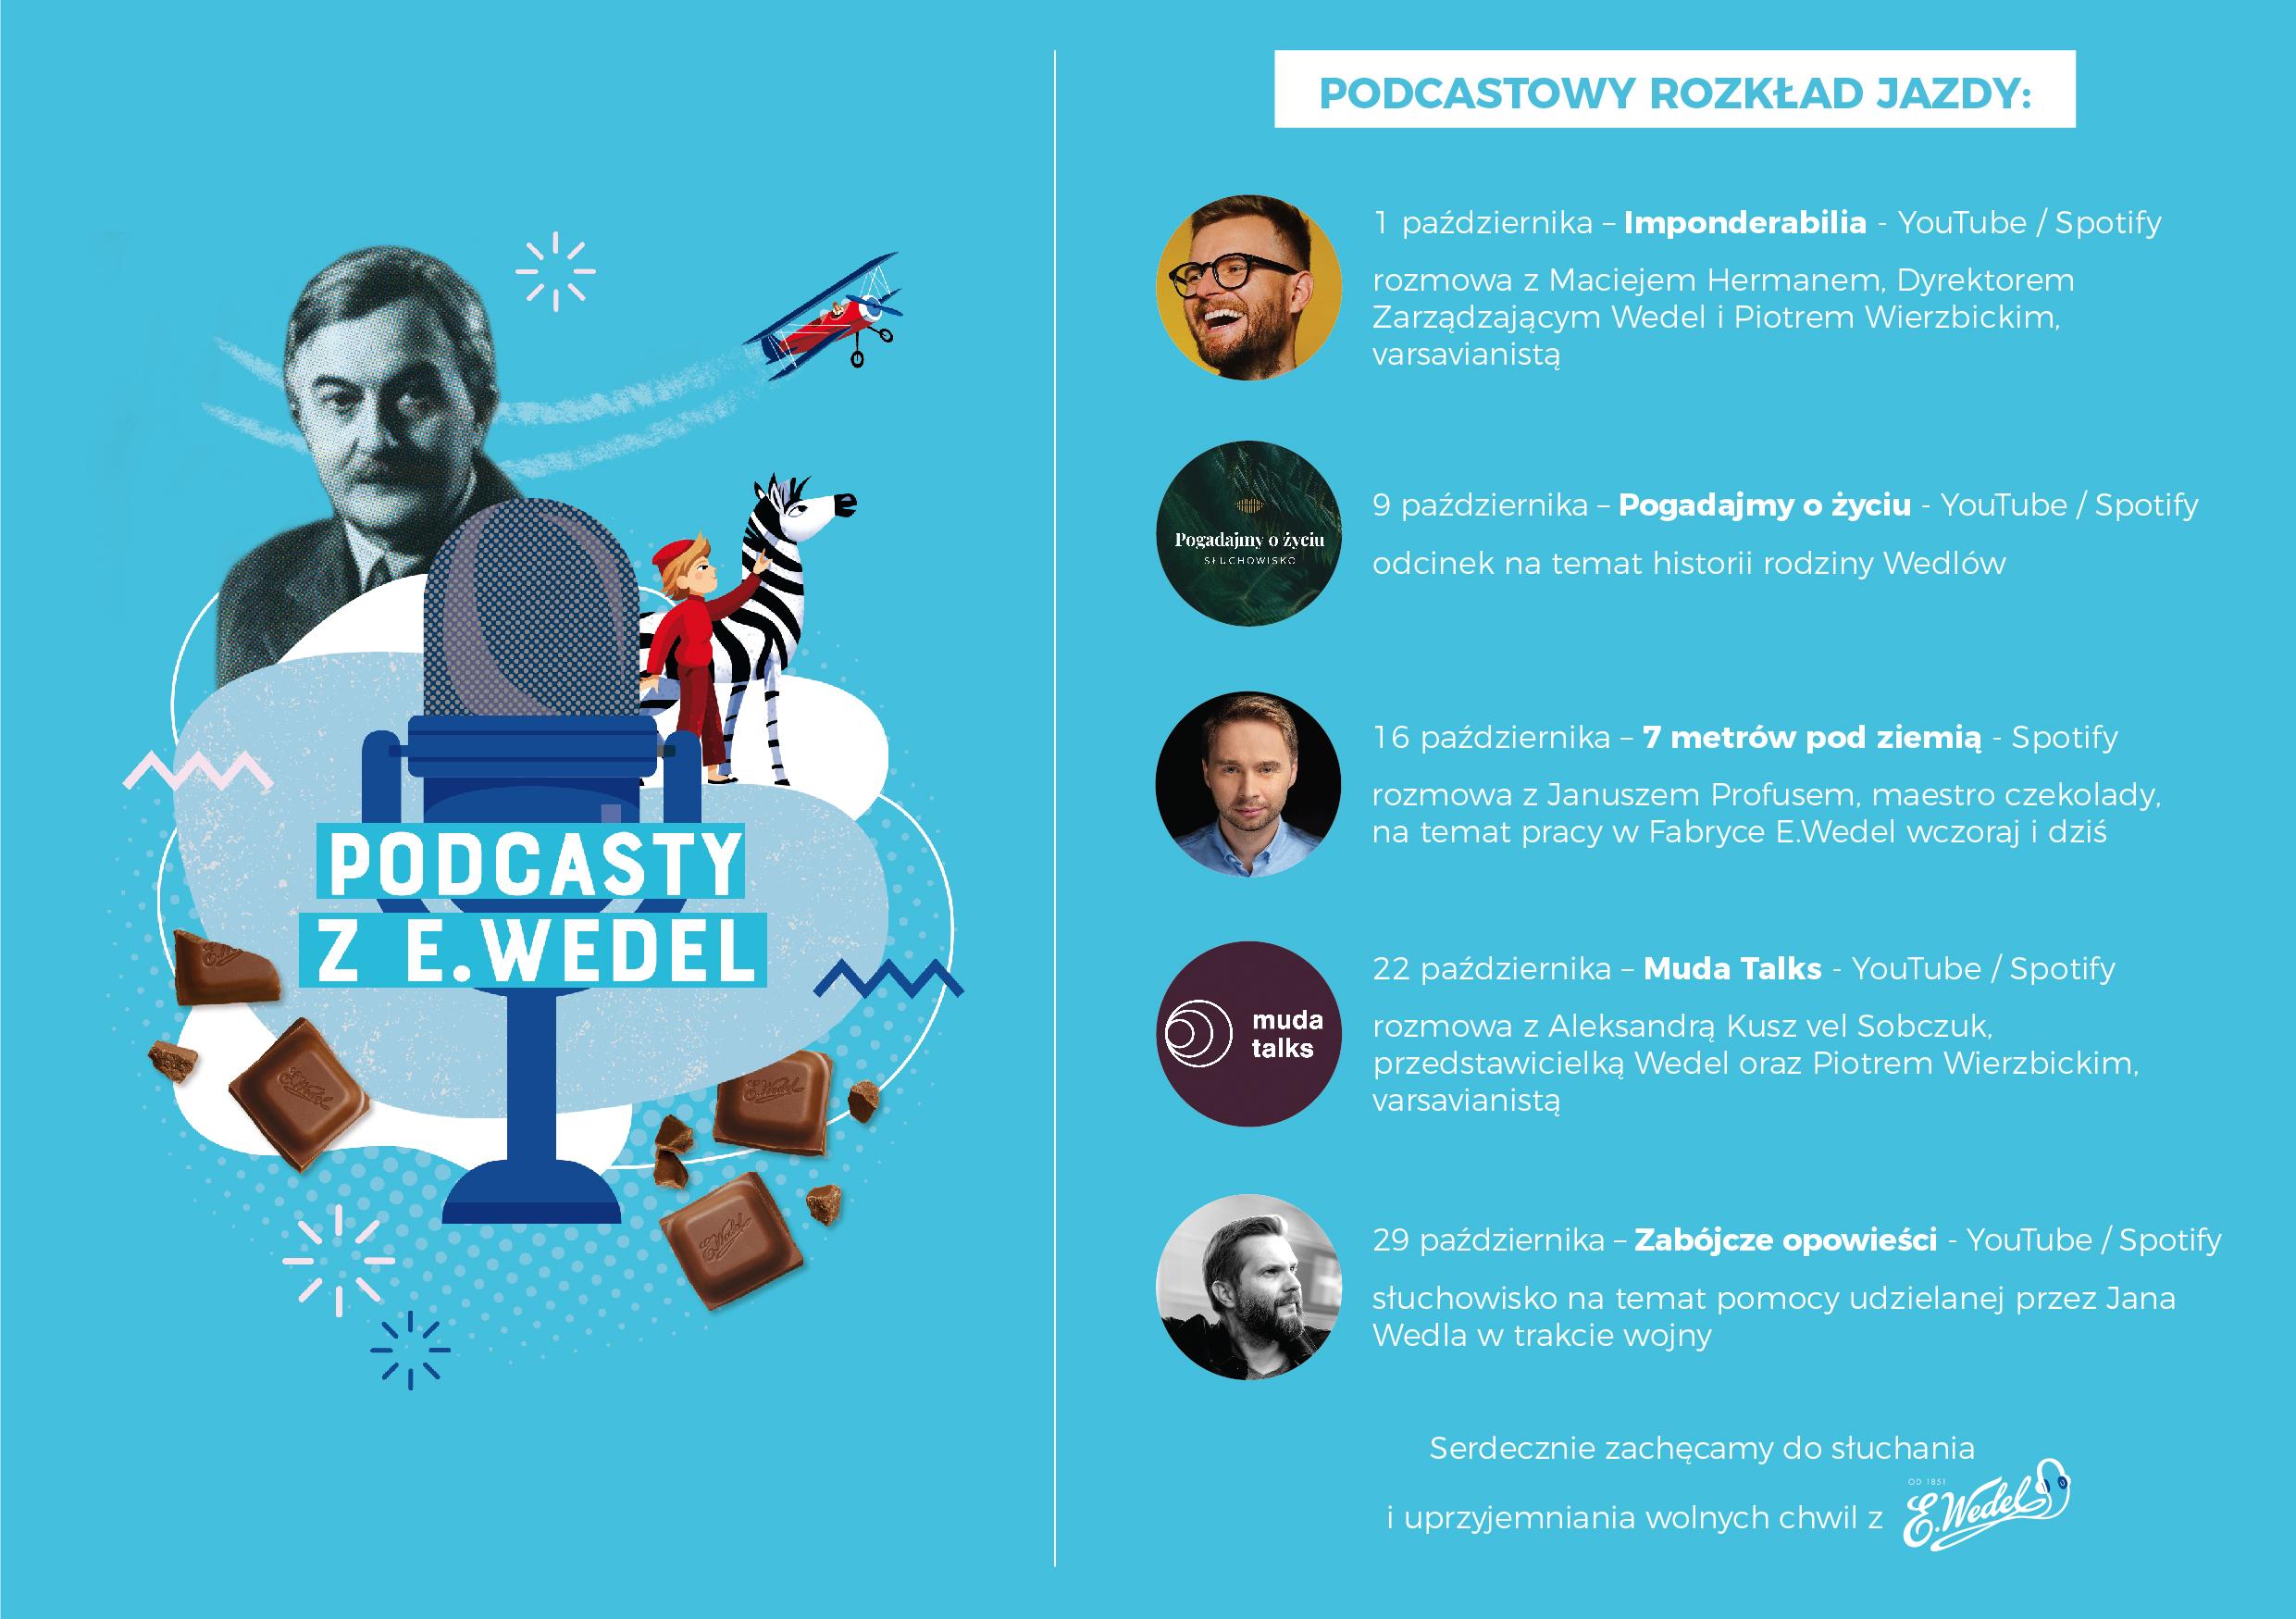 Czekoladowe historie E.Wedel dostępne w podcastach